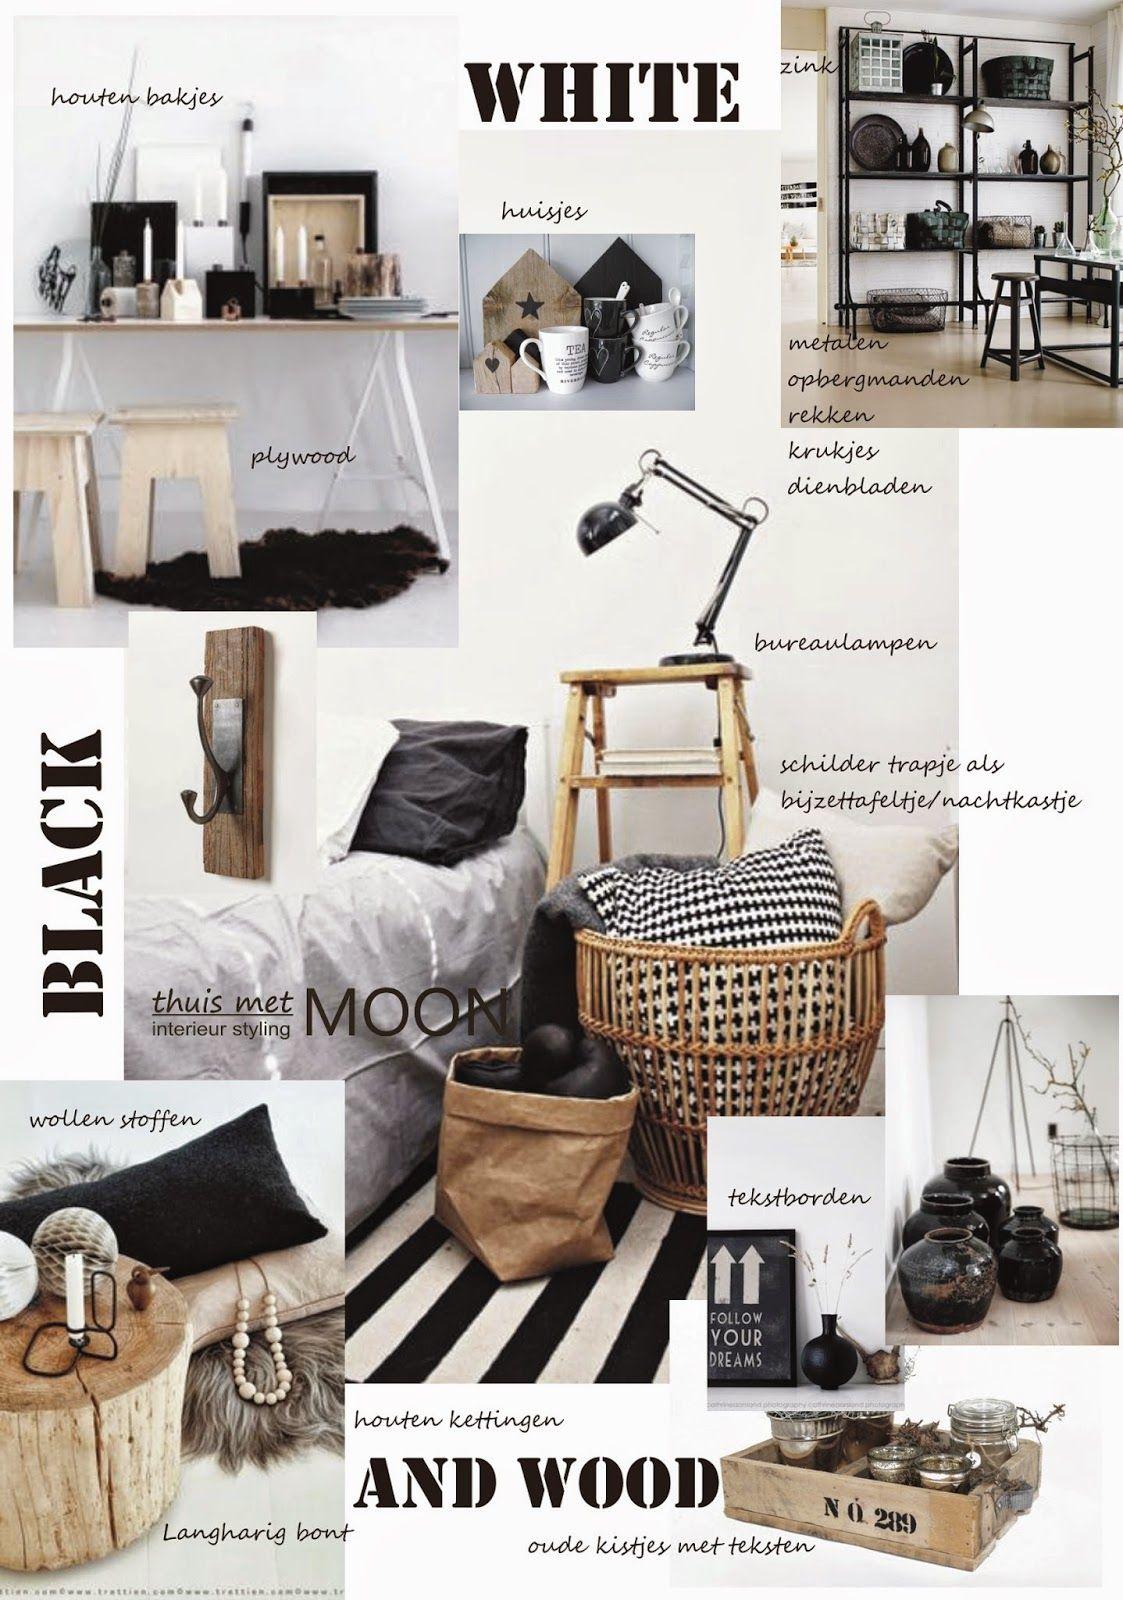 thuis met Moon: Zwart, wit met hout voor een warm interieur | Wow ...